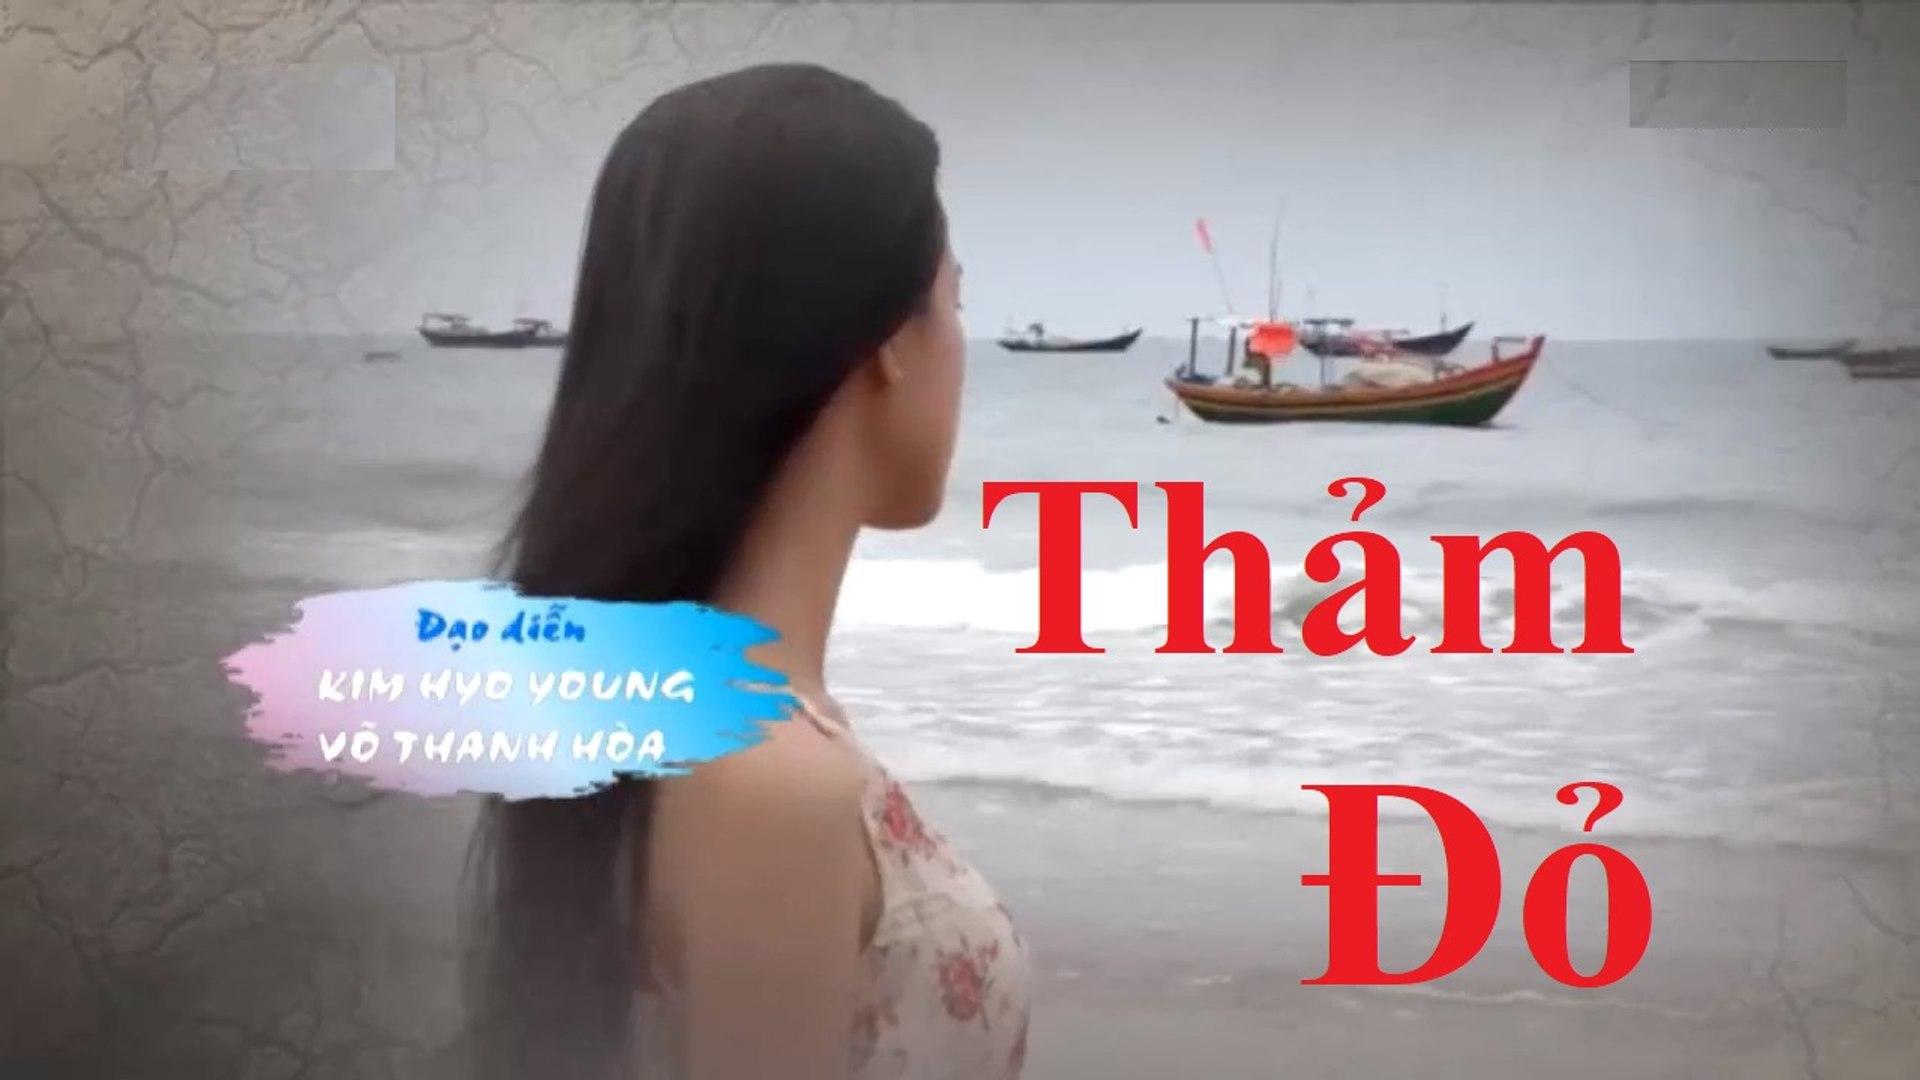 Phim truyện- Thảm đỏ - Tập 25 - Phim Việt Nam